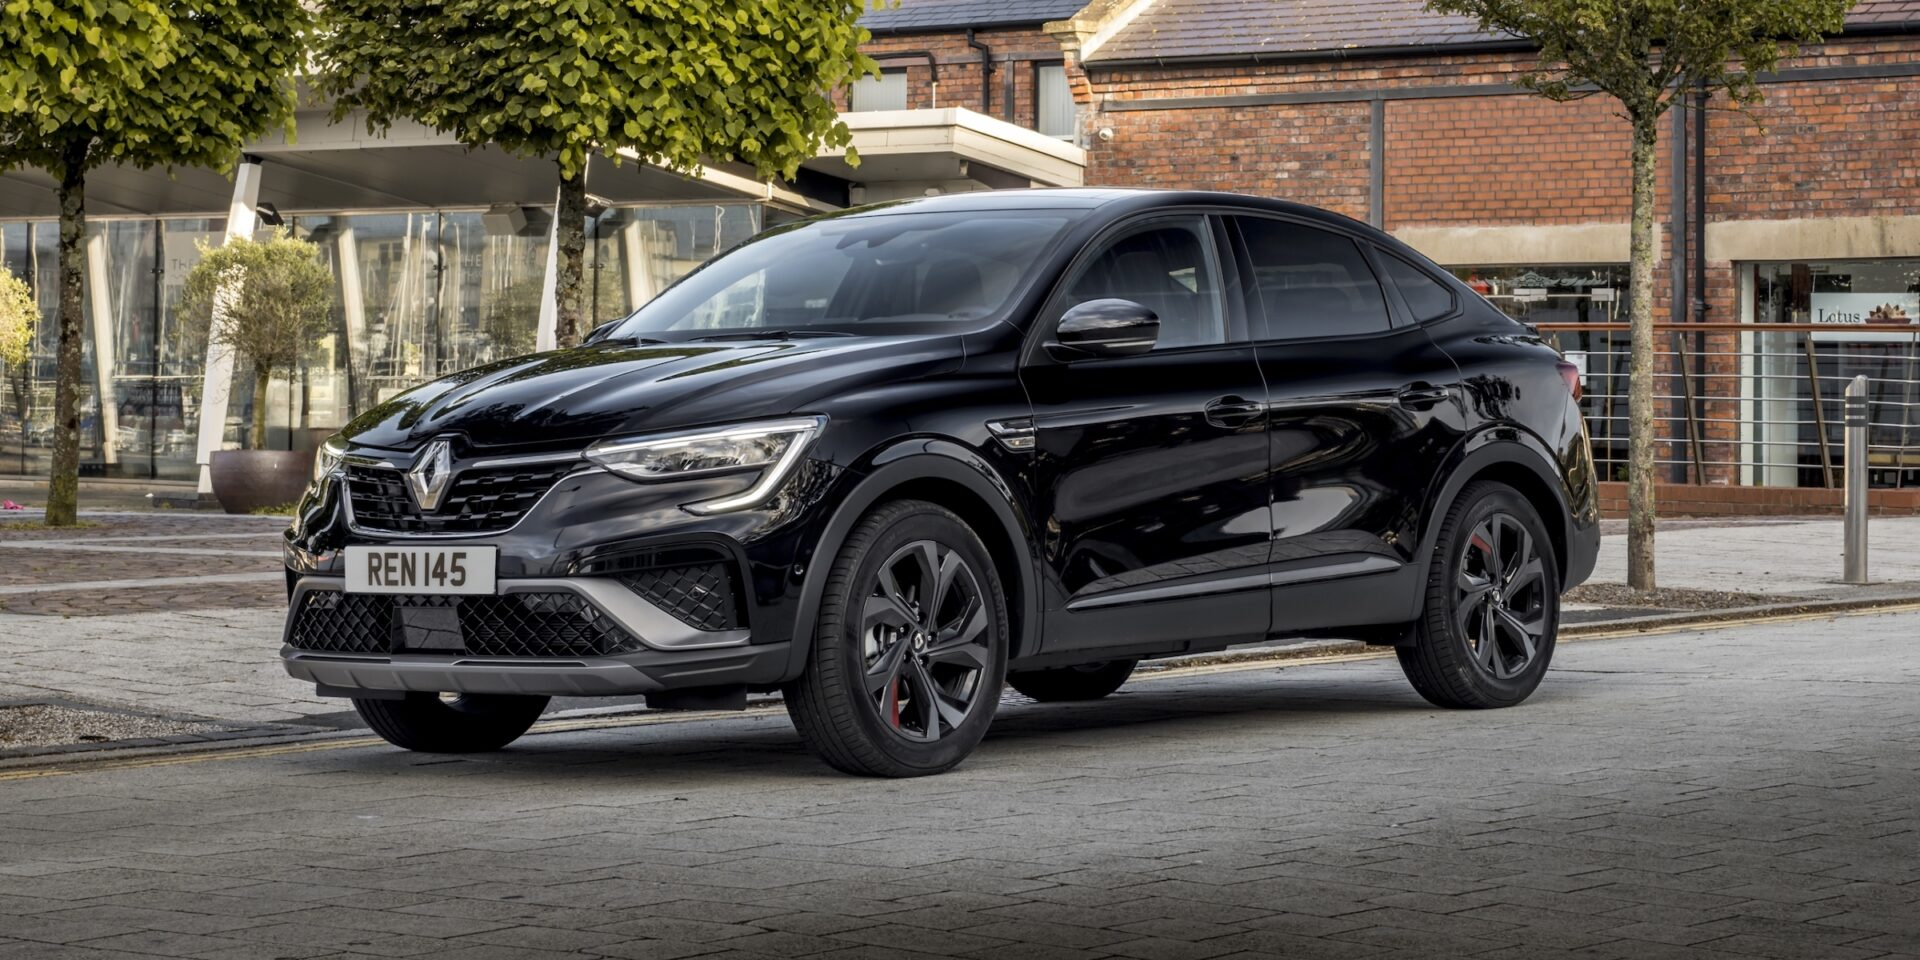 Renault Arkana arrives in UK